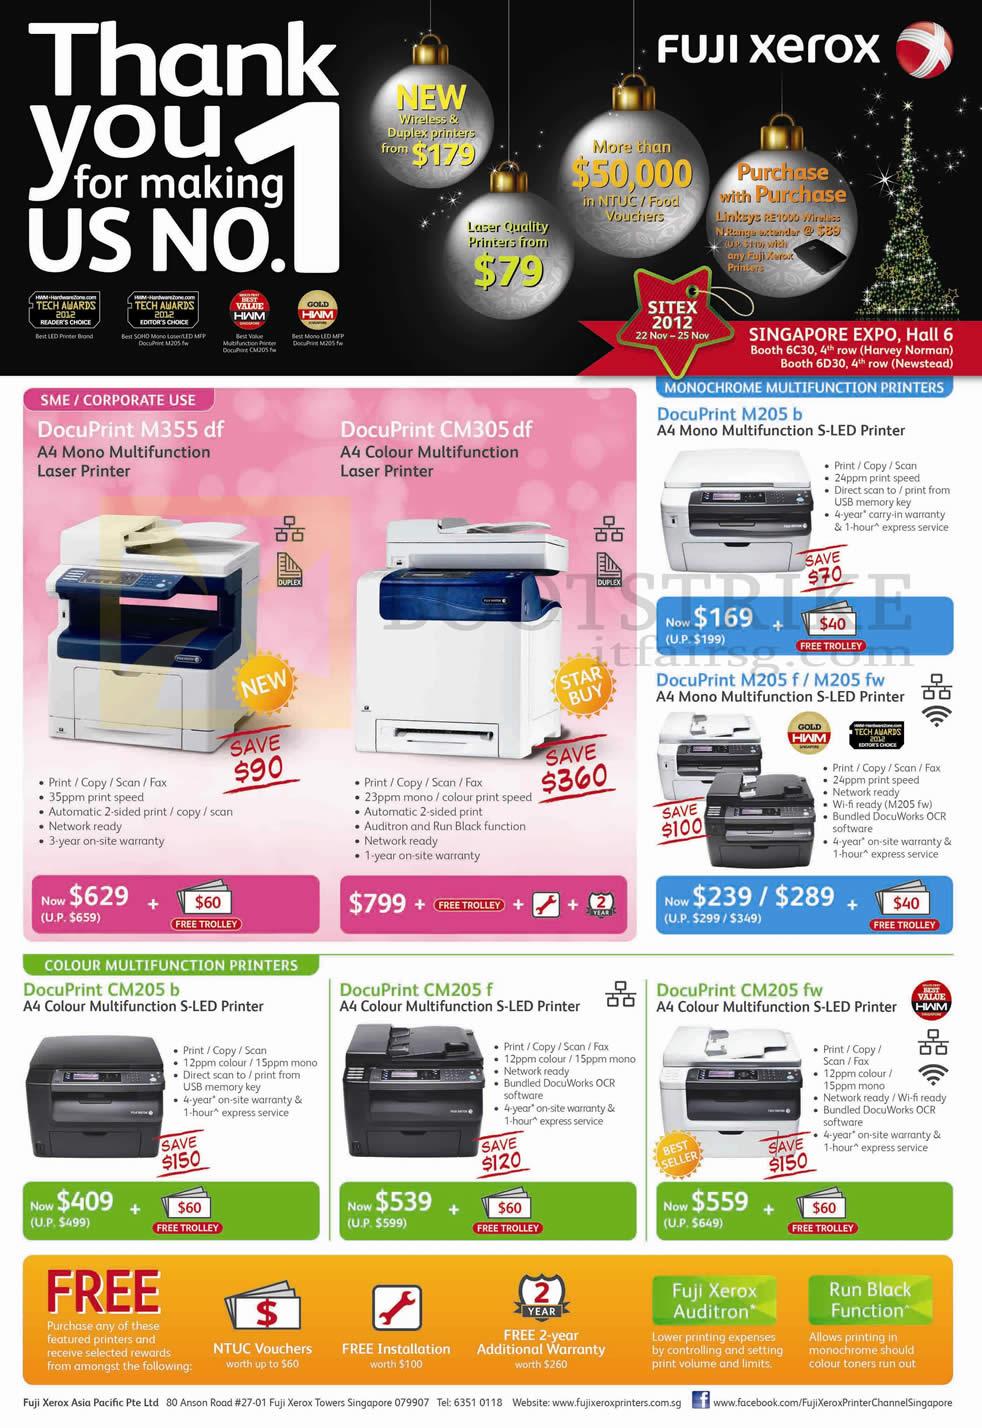 Fuji Xerox Laser Printers DocuPrint M355 Df, CM305 Df, M205 B, M205